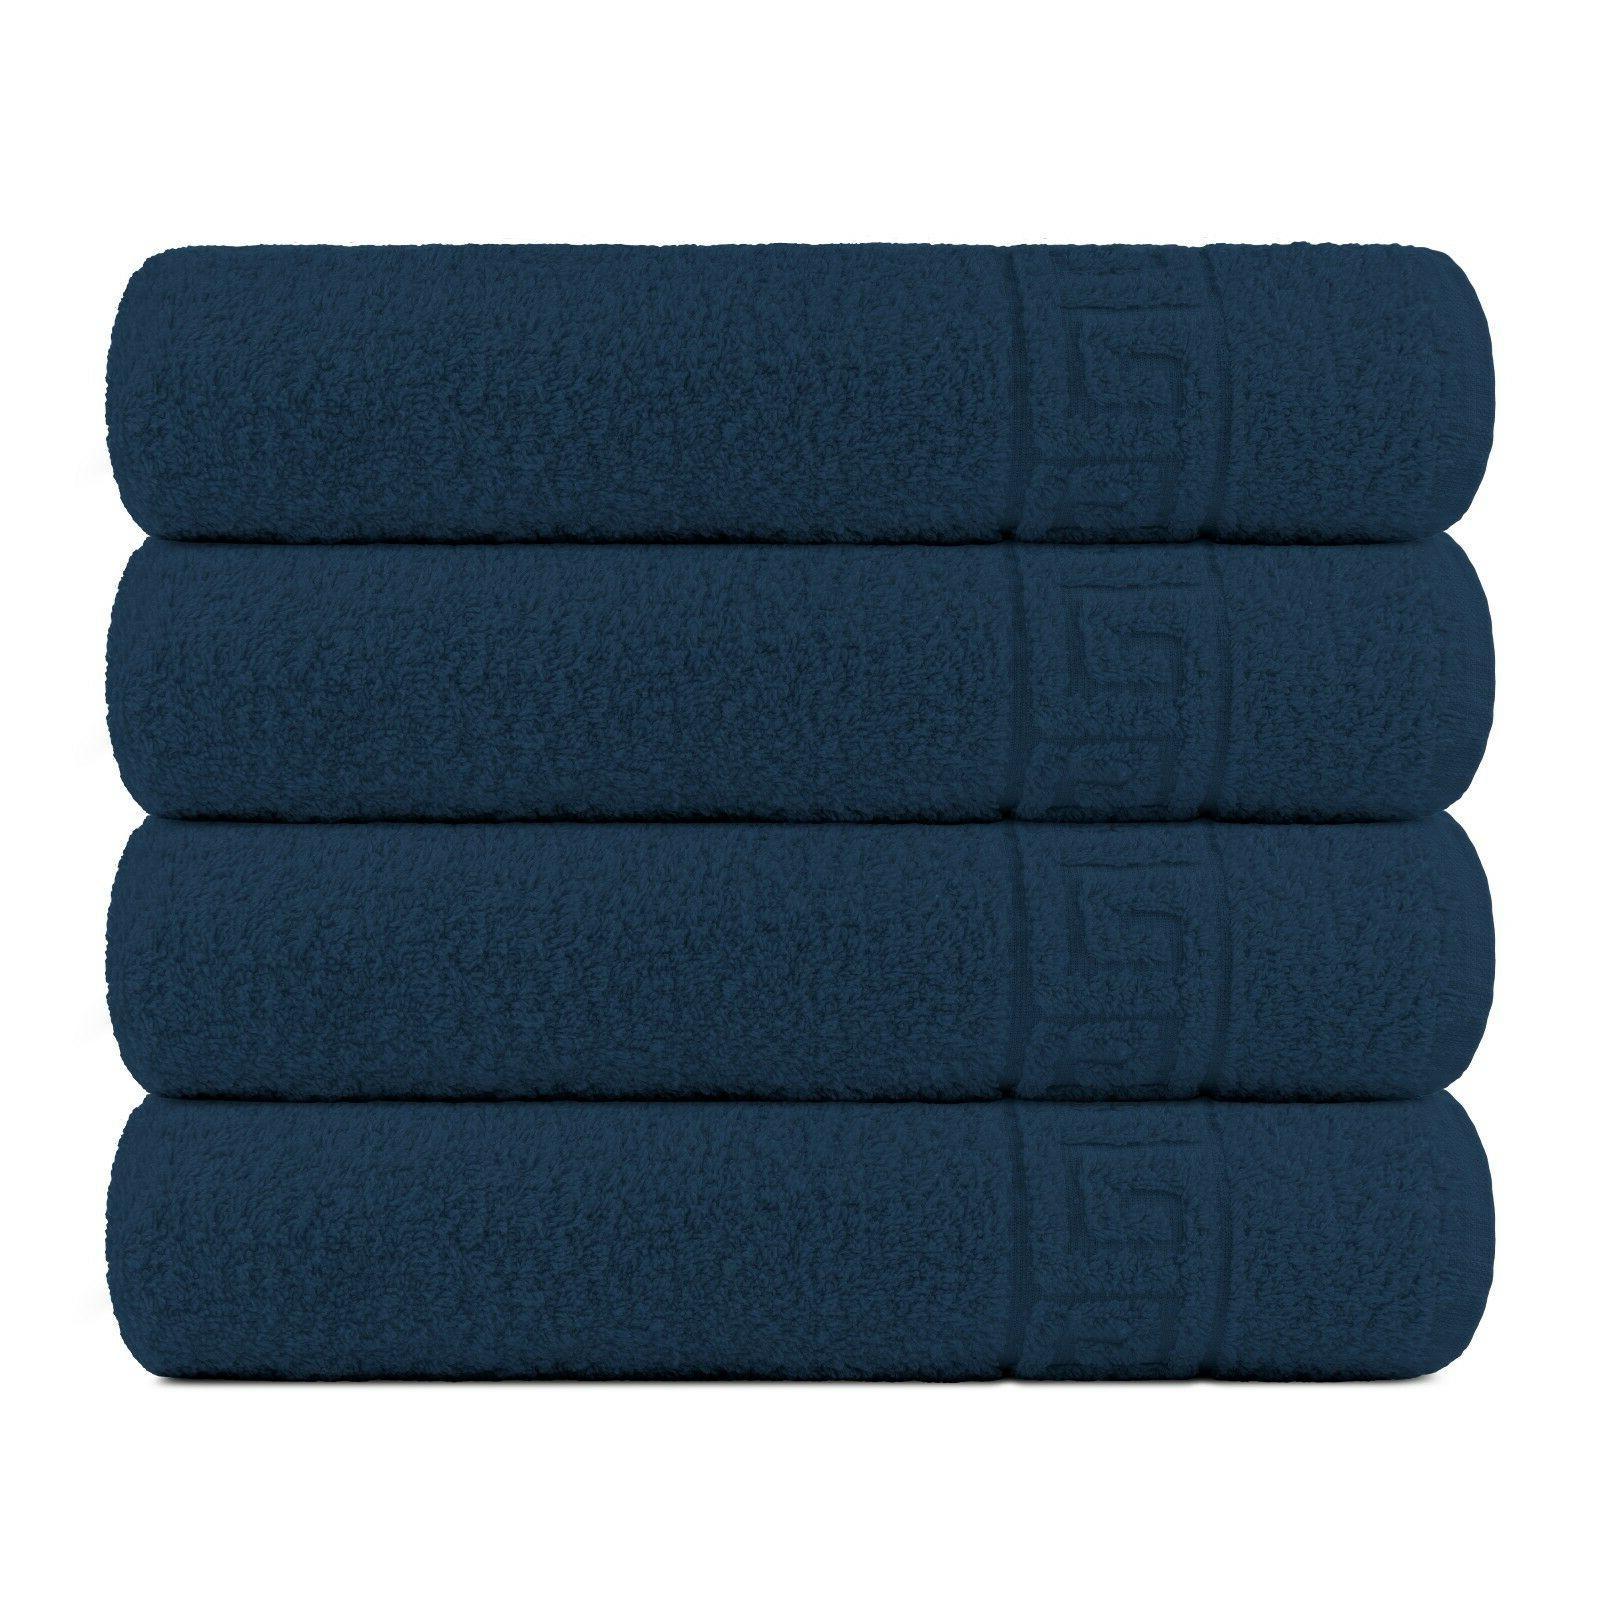 Bath 4 Towels Absorbent Contex